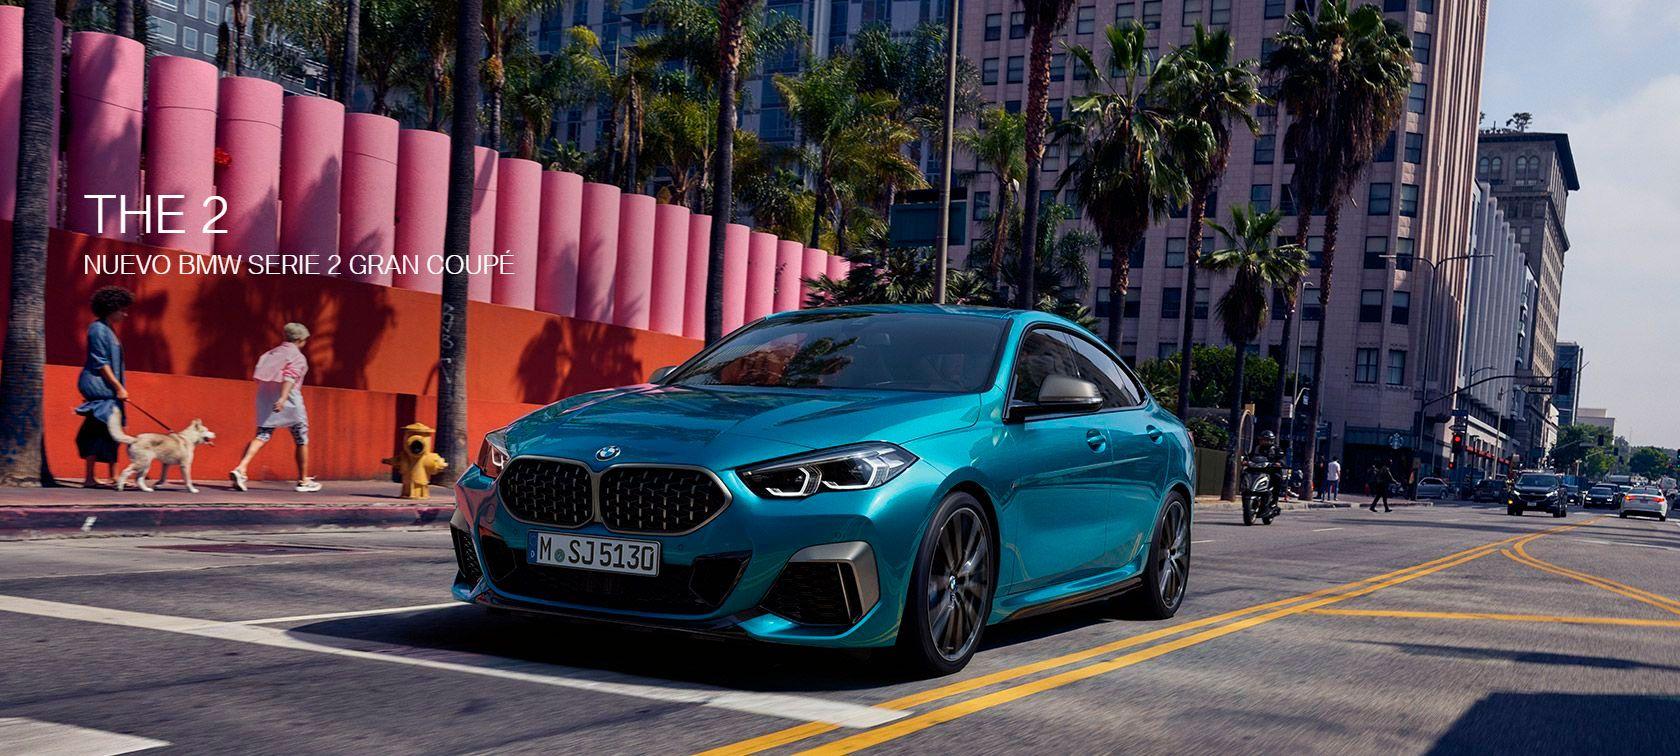 NUEVO BMW SERIE 2 GRAN COUPÉ